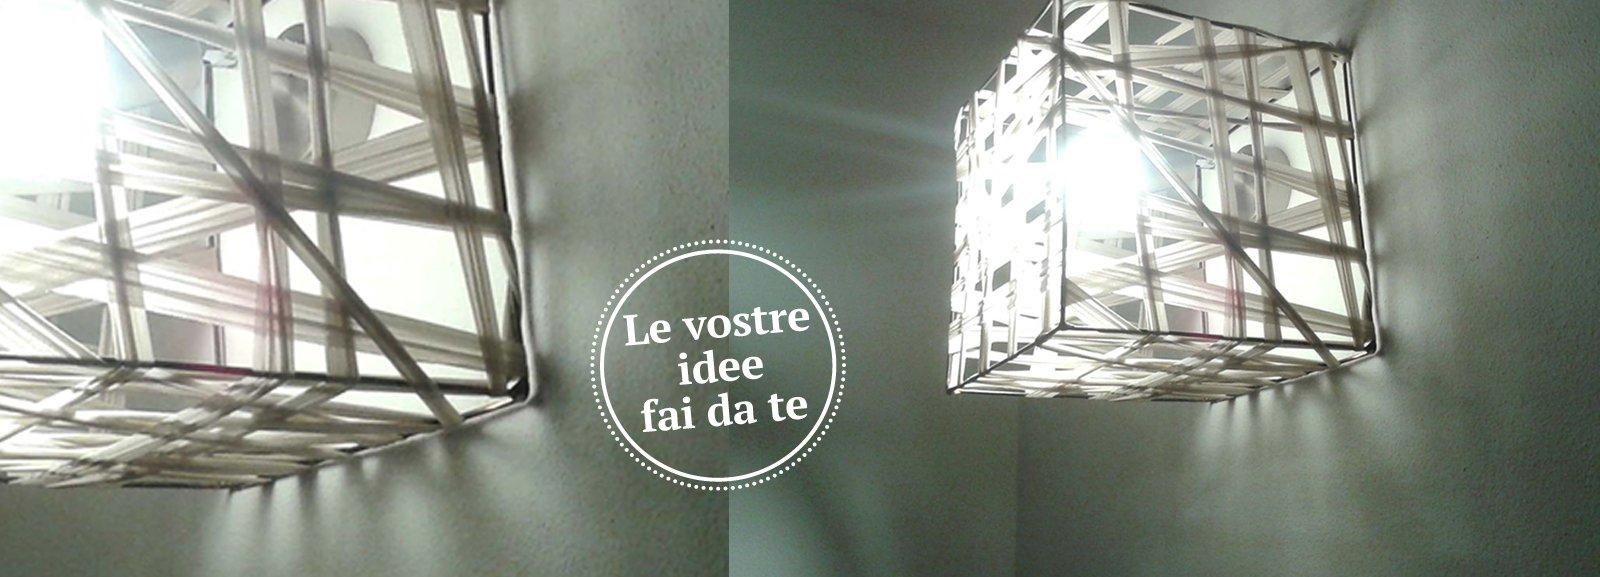 Una lampada al cubo cose di casa for Arte fai da te casa